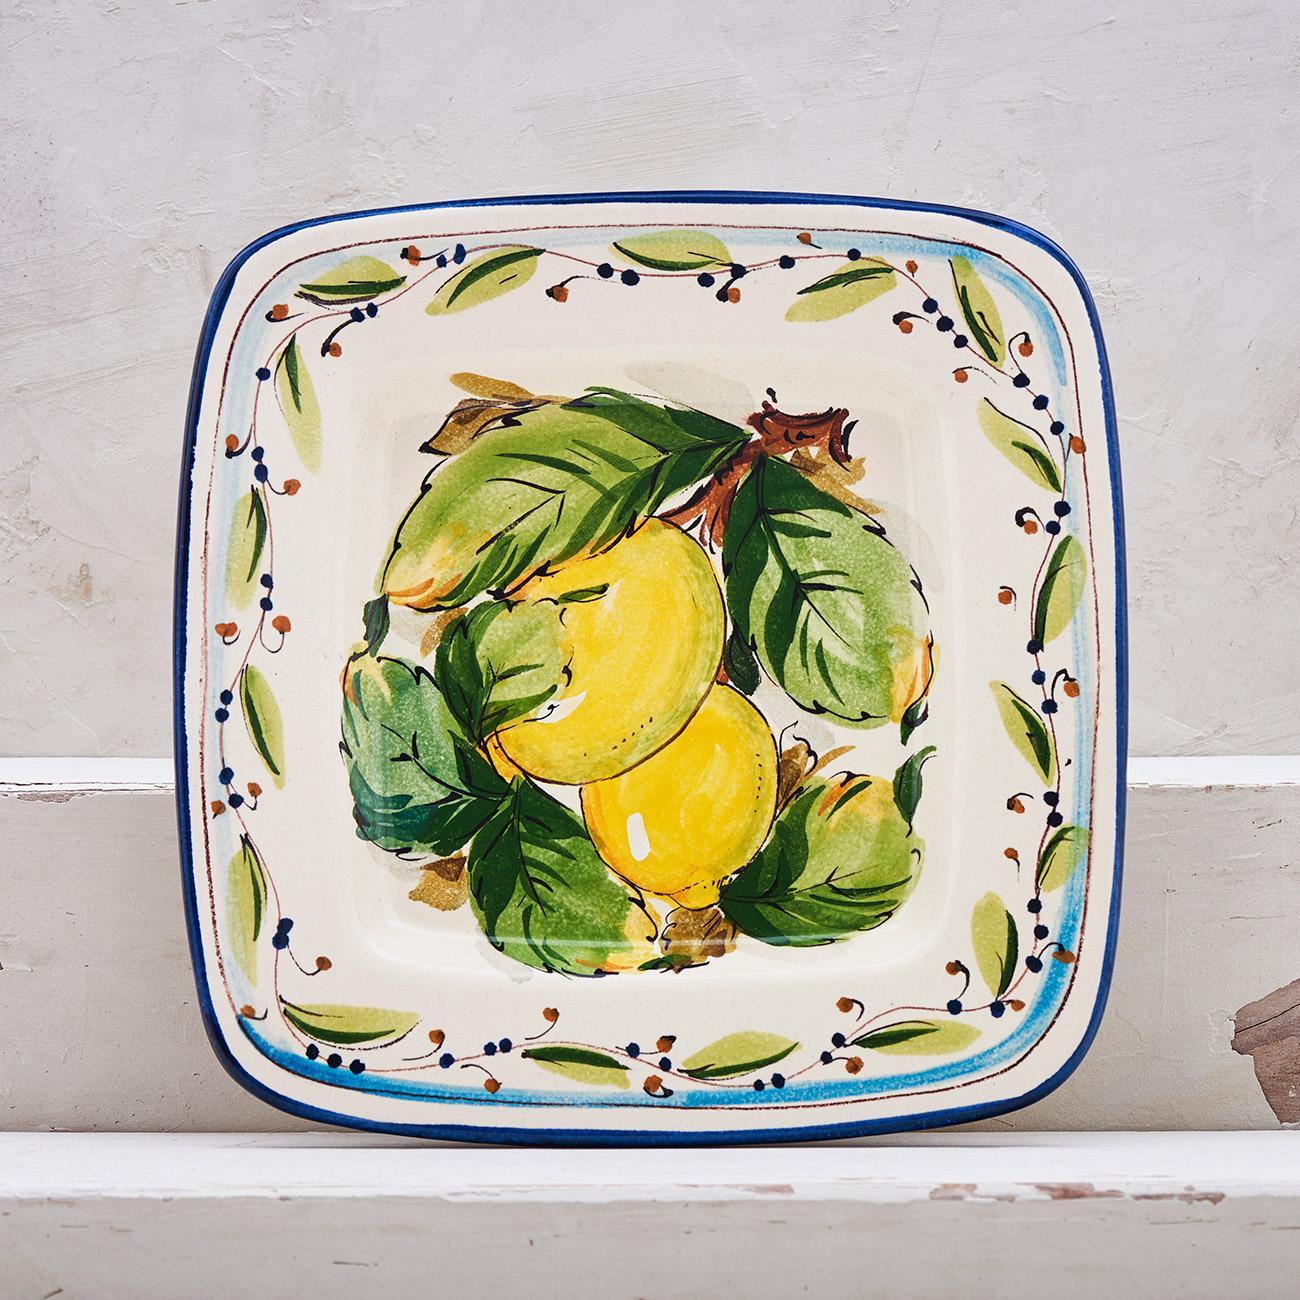 Lemon Tray - 22 x 22 cm 1